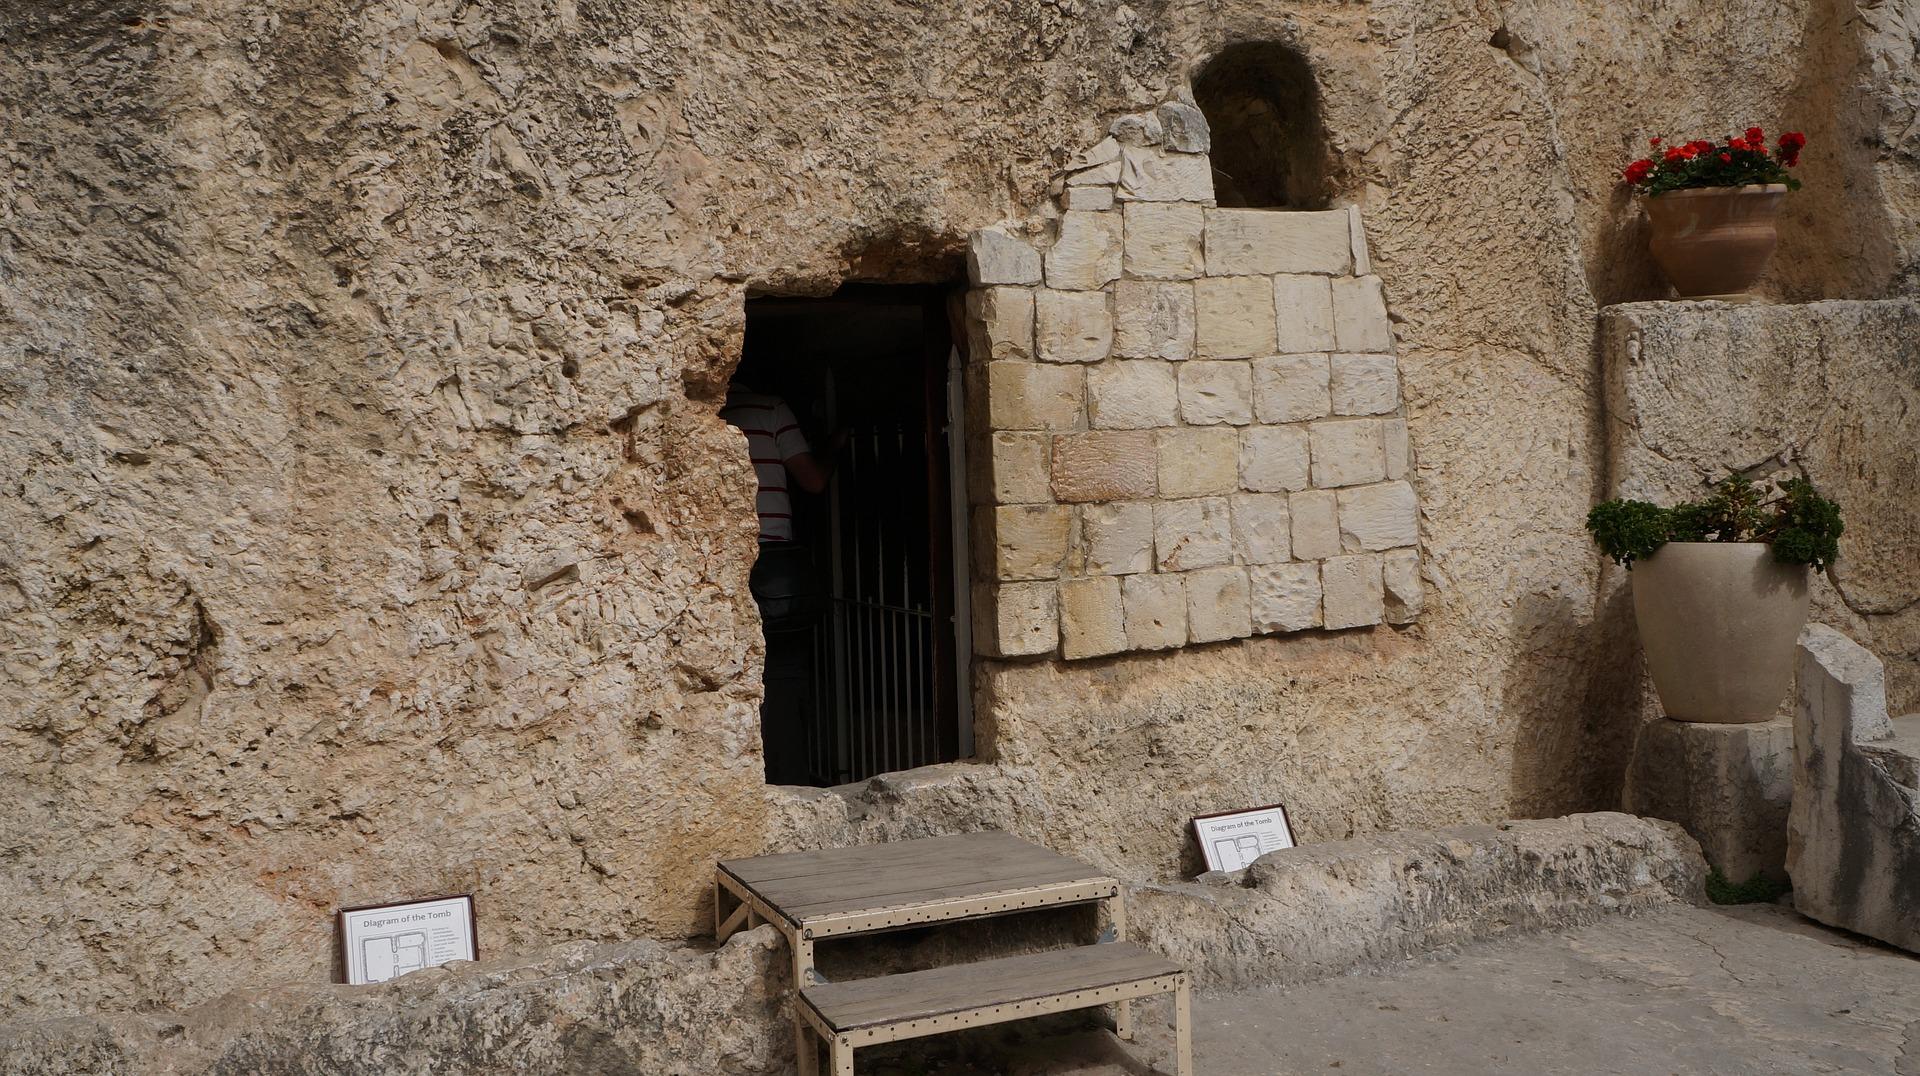 garden-of-the-tomb-2280319_1920.jpg